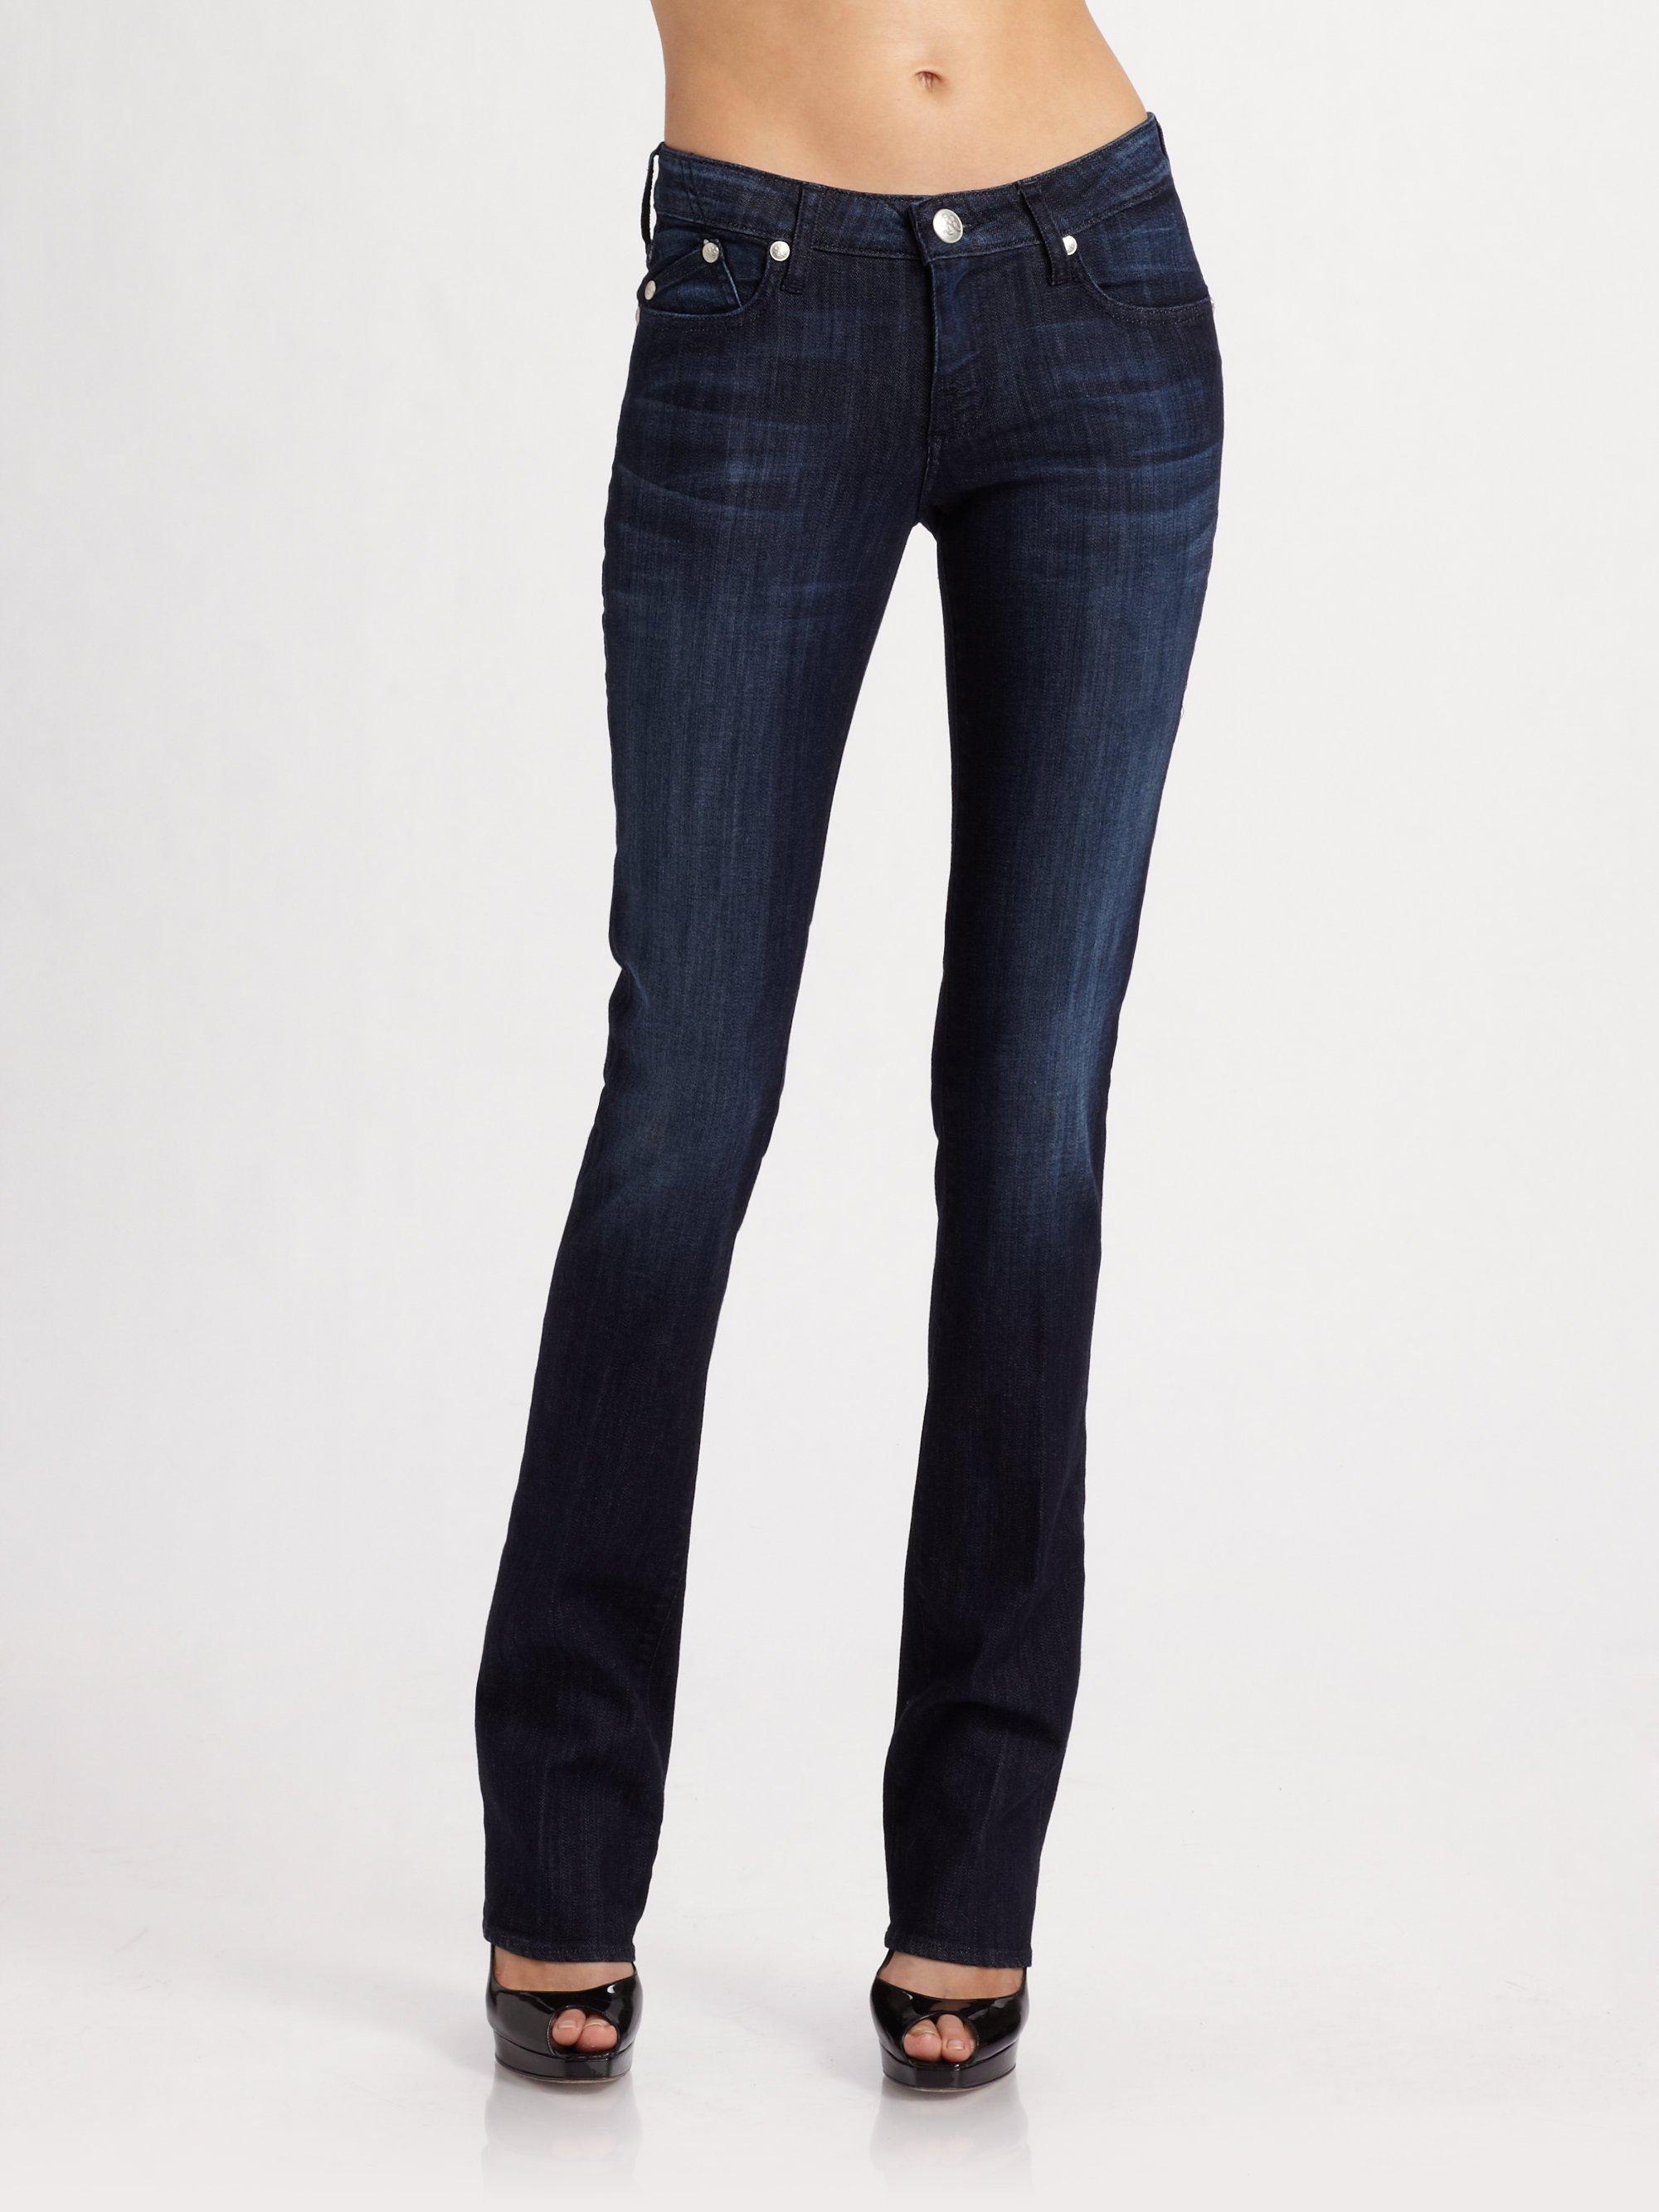 Rock & republic Abigail Baby Bootcut Jeans in Blue | Lyst